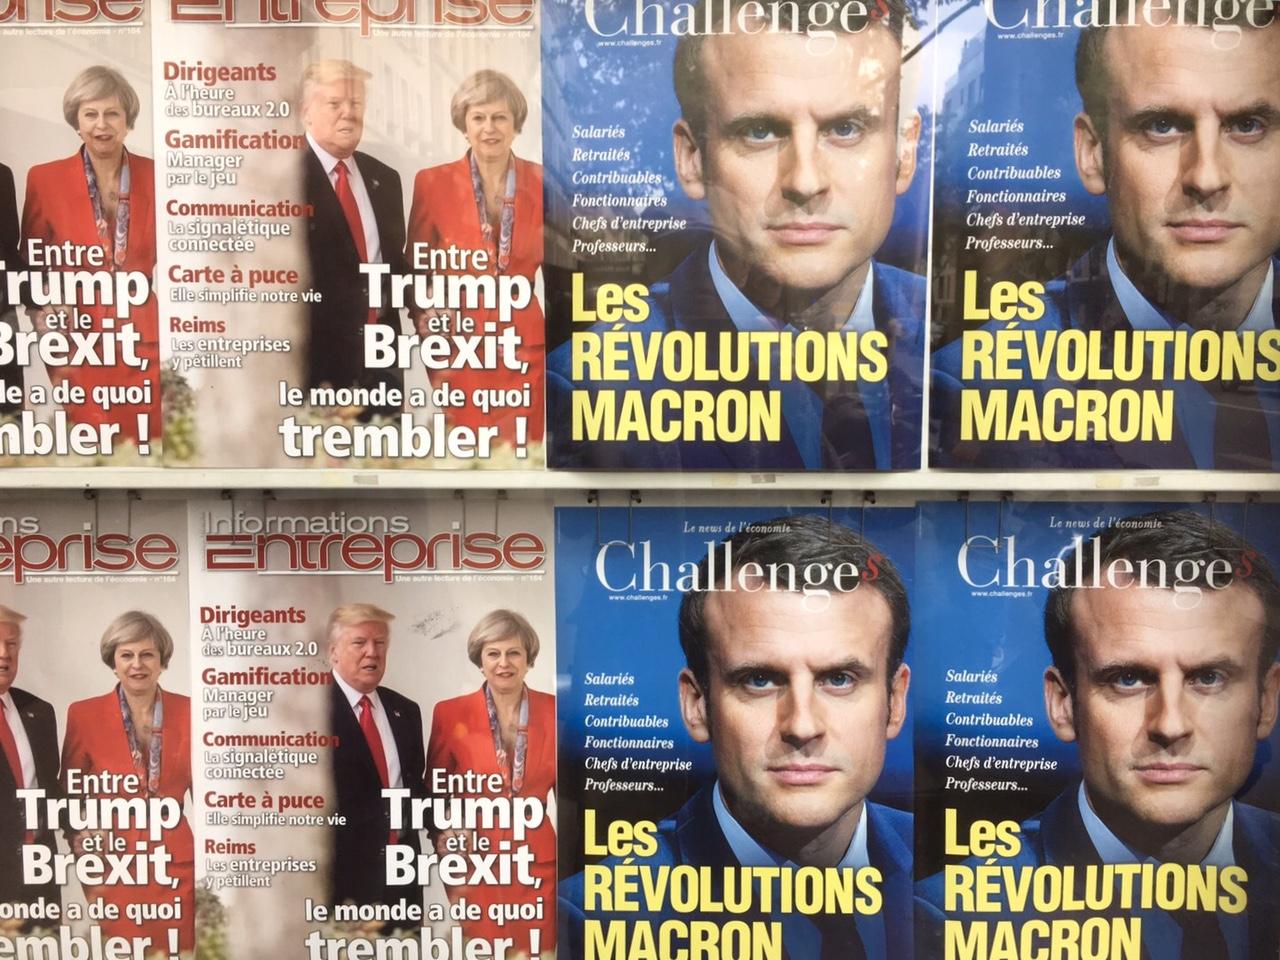 フランス大統領選目前!  緊急アンケート  パリジャンに聞いた。「あなたは誰が大統領になると思いますか?」